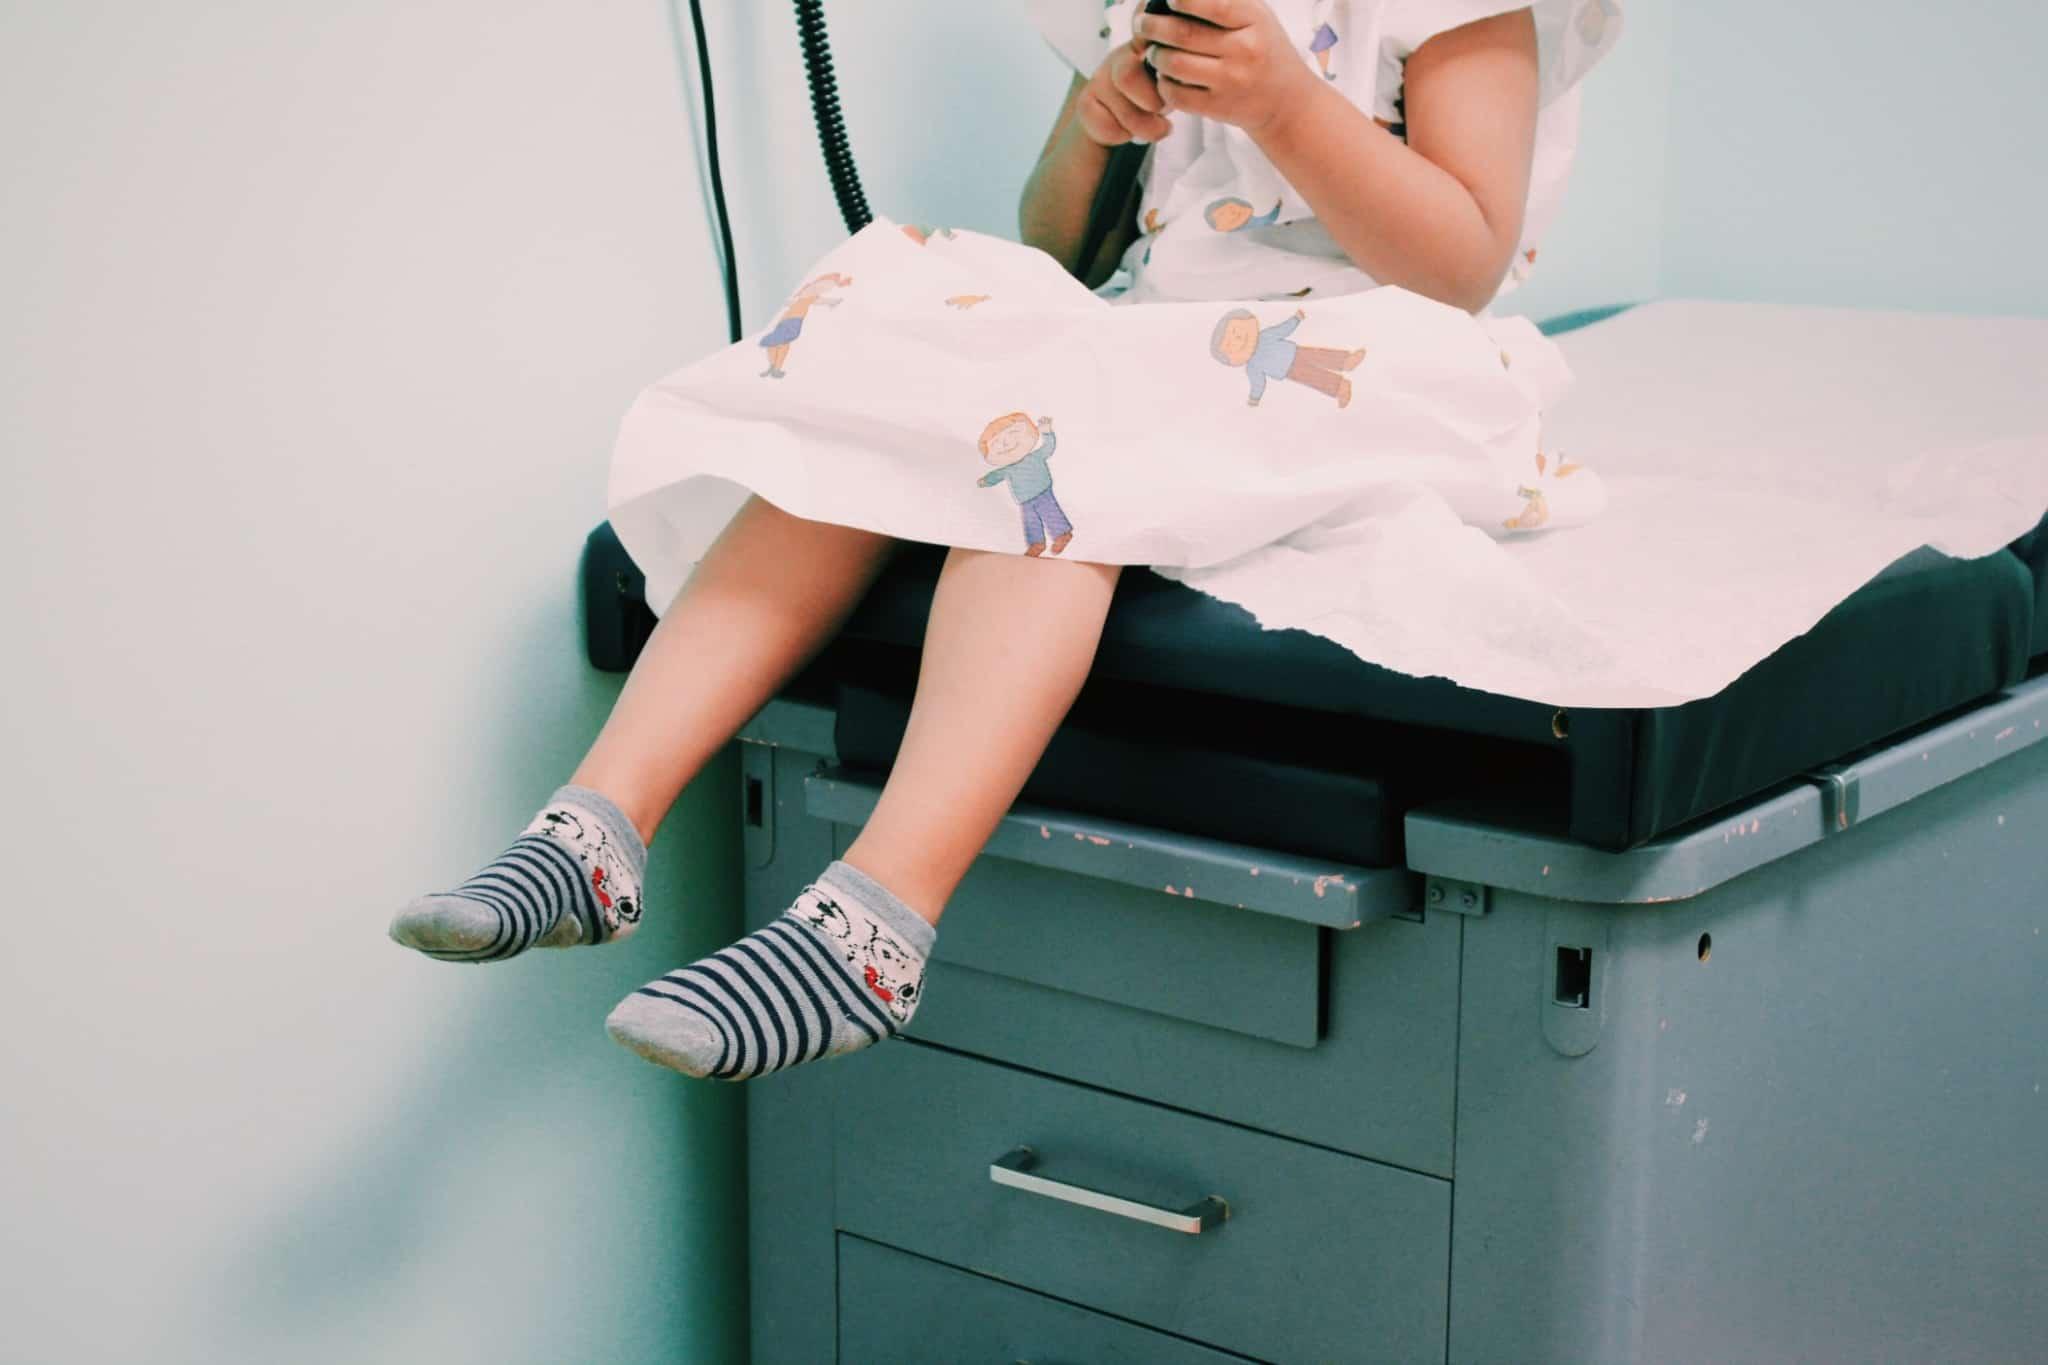 criança sentada à espera do médico